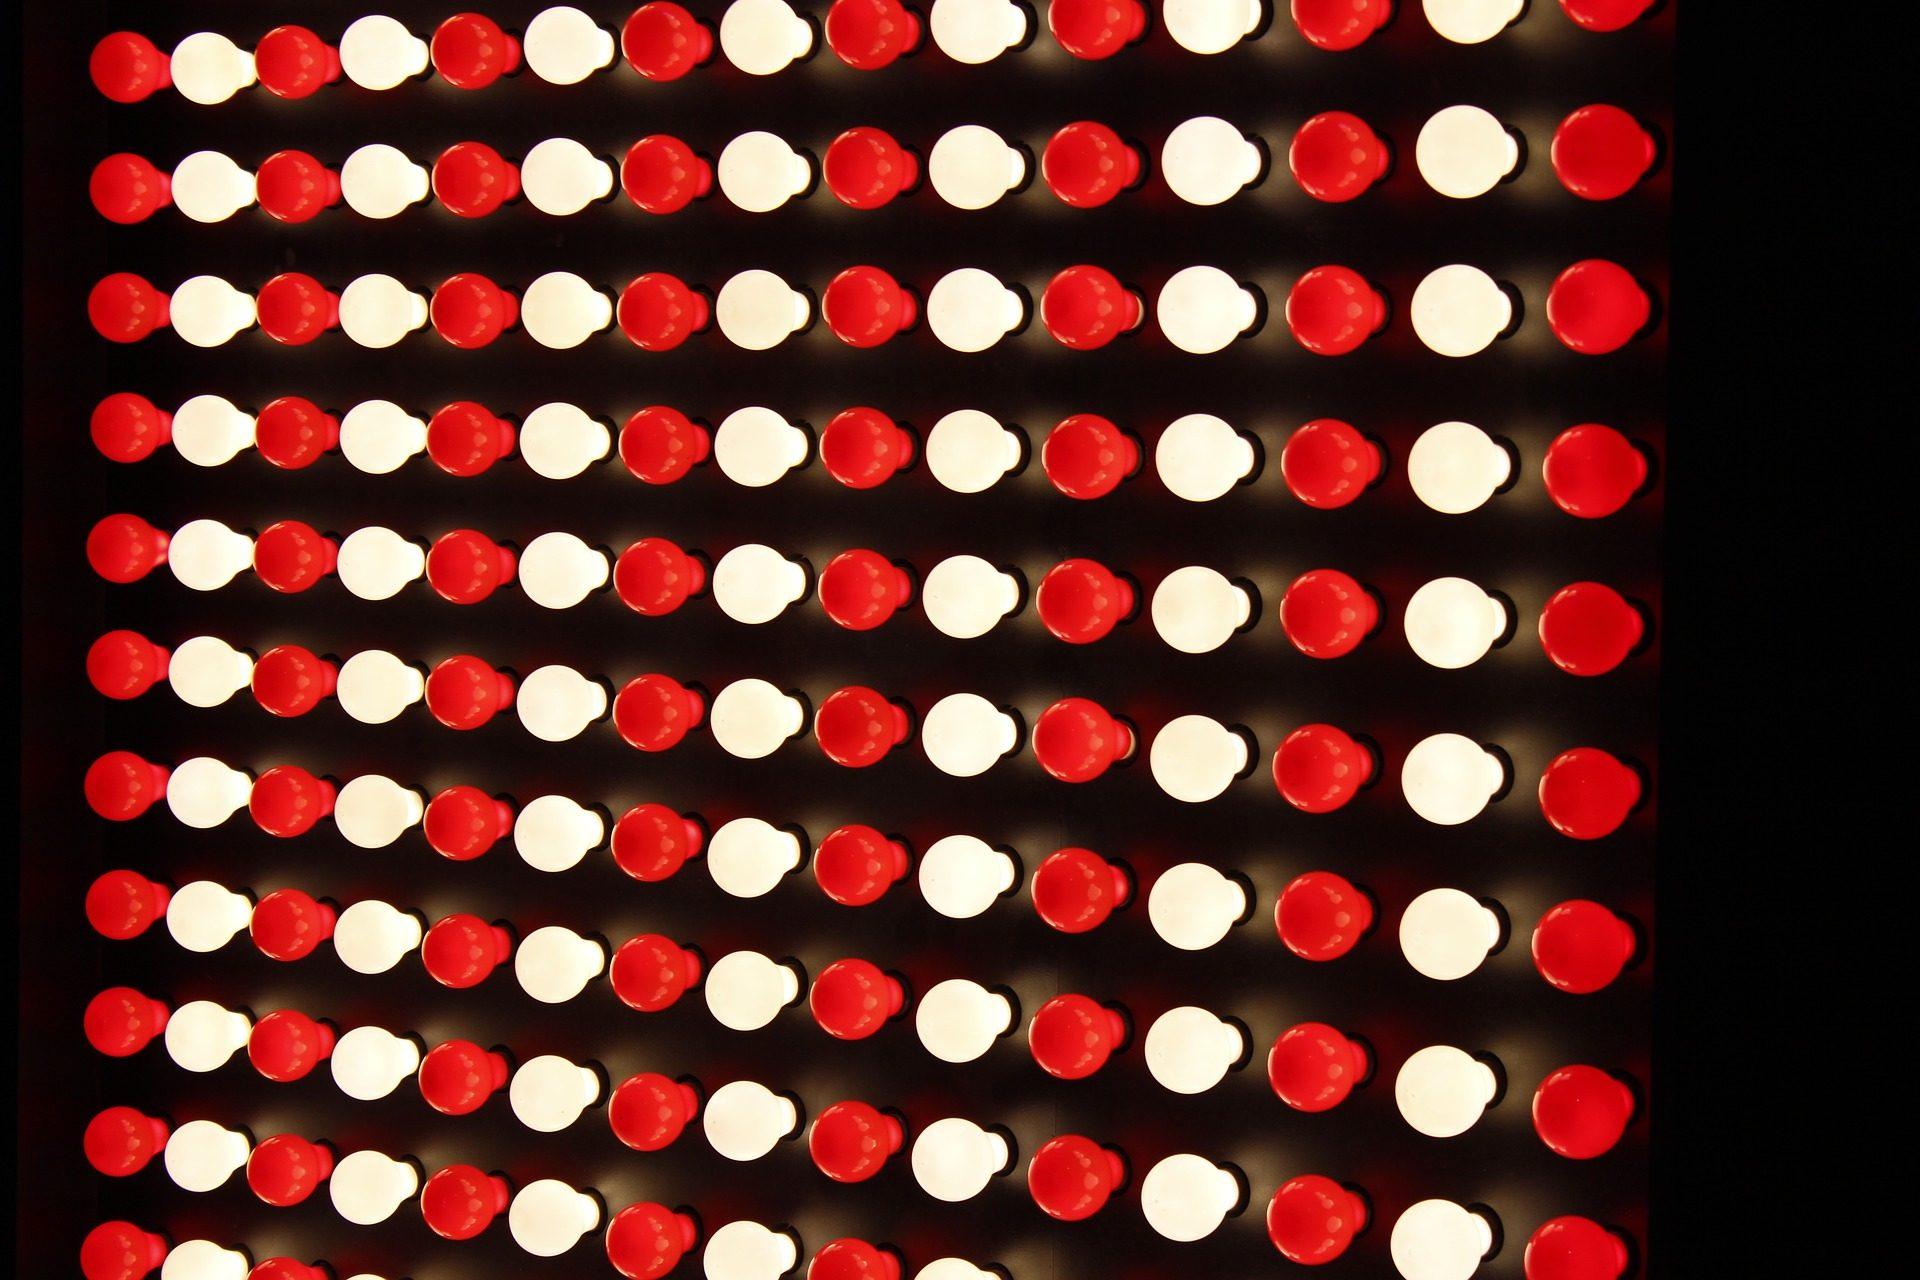 電球, ライト, 色, 照明, ディゼーニョ, 数量 - HD の壁紙 - 教授-falken.com